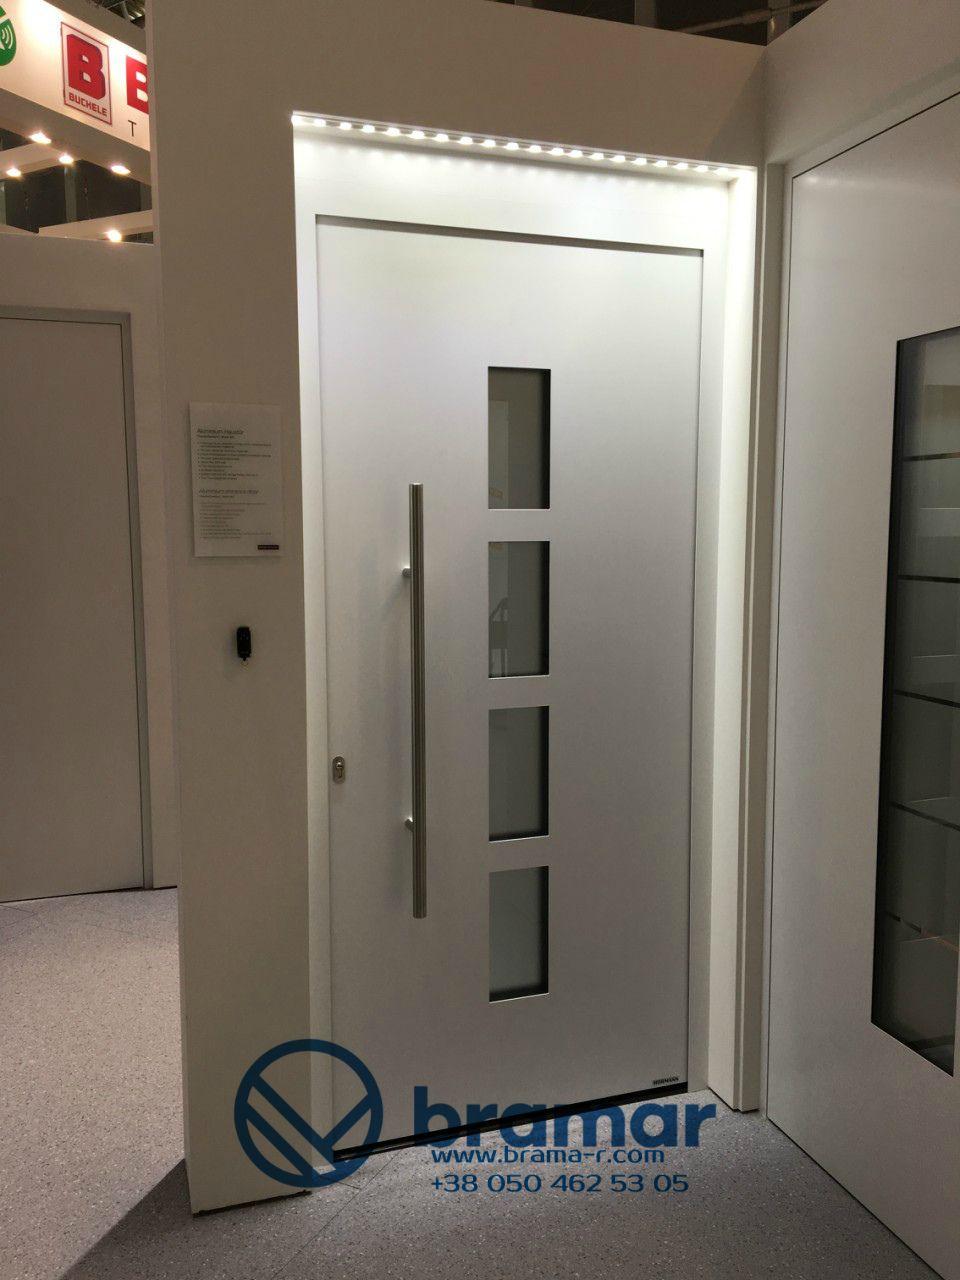 Ворота херман   официальный дилер hormann